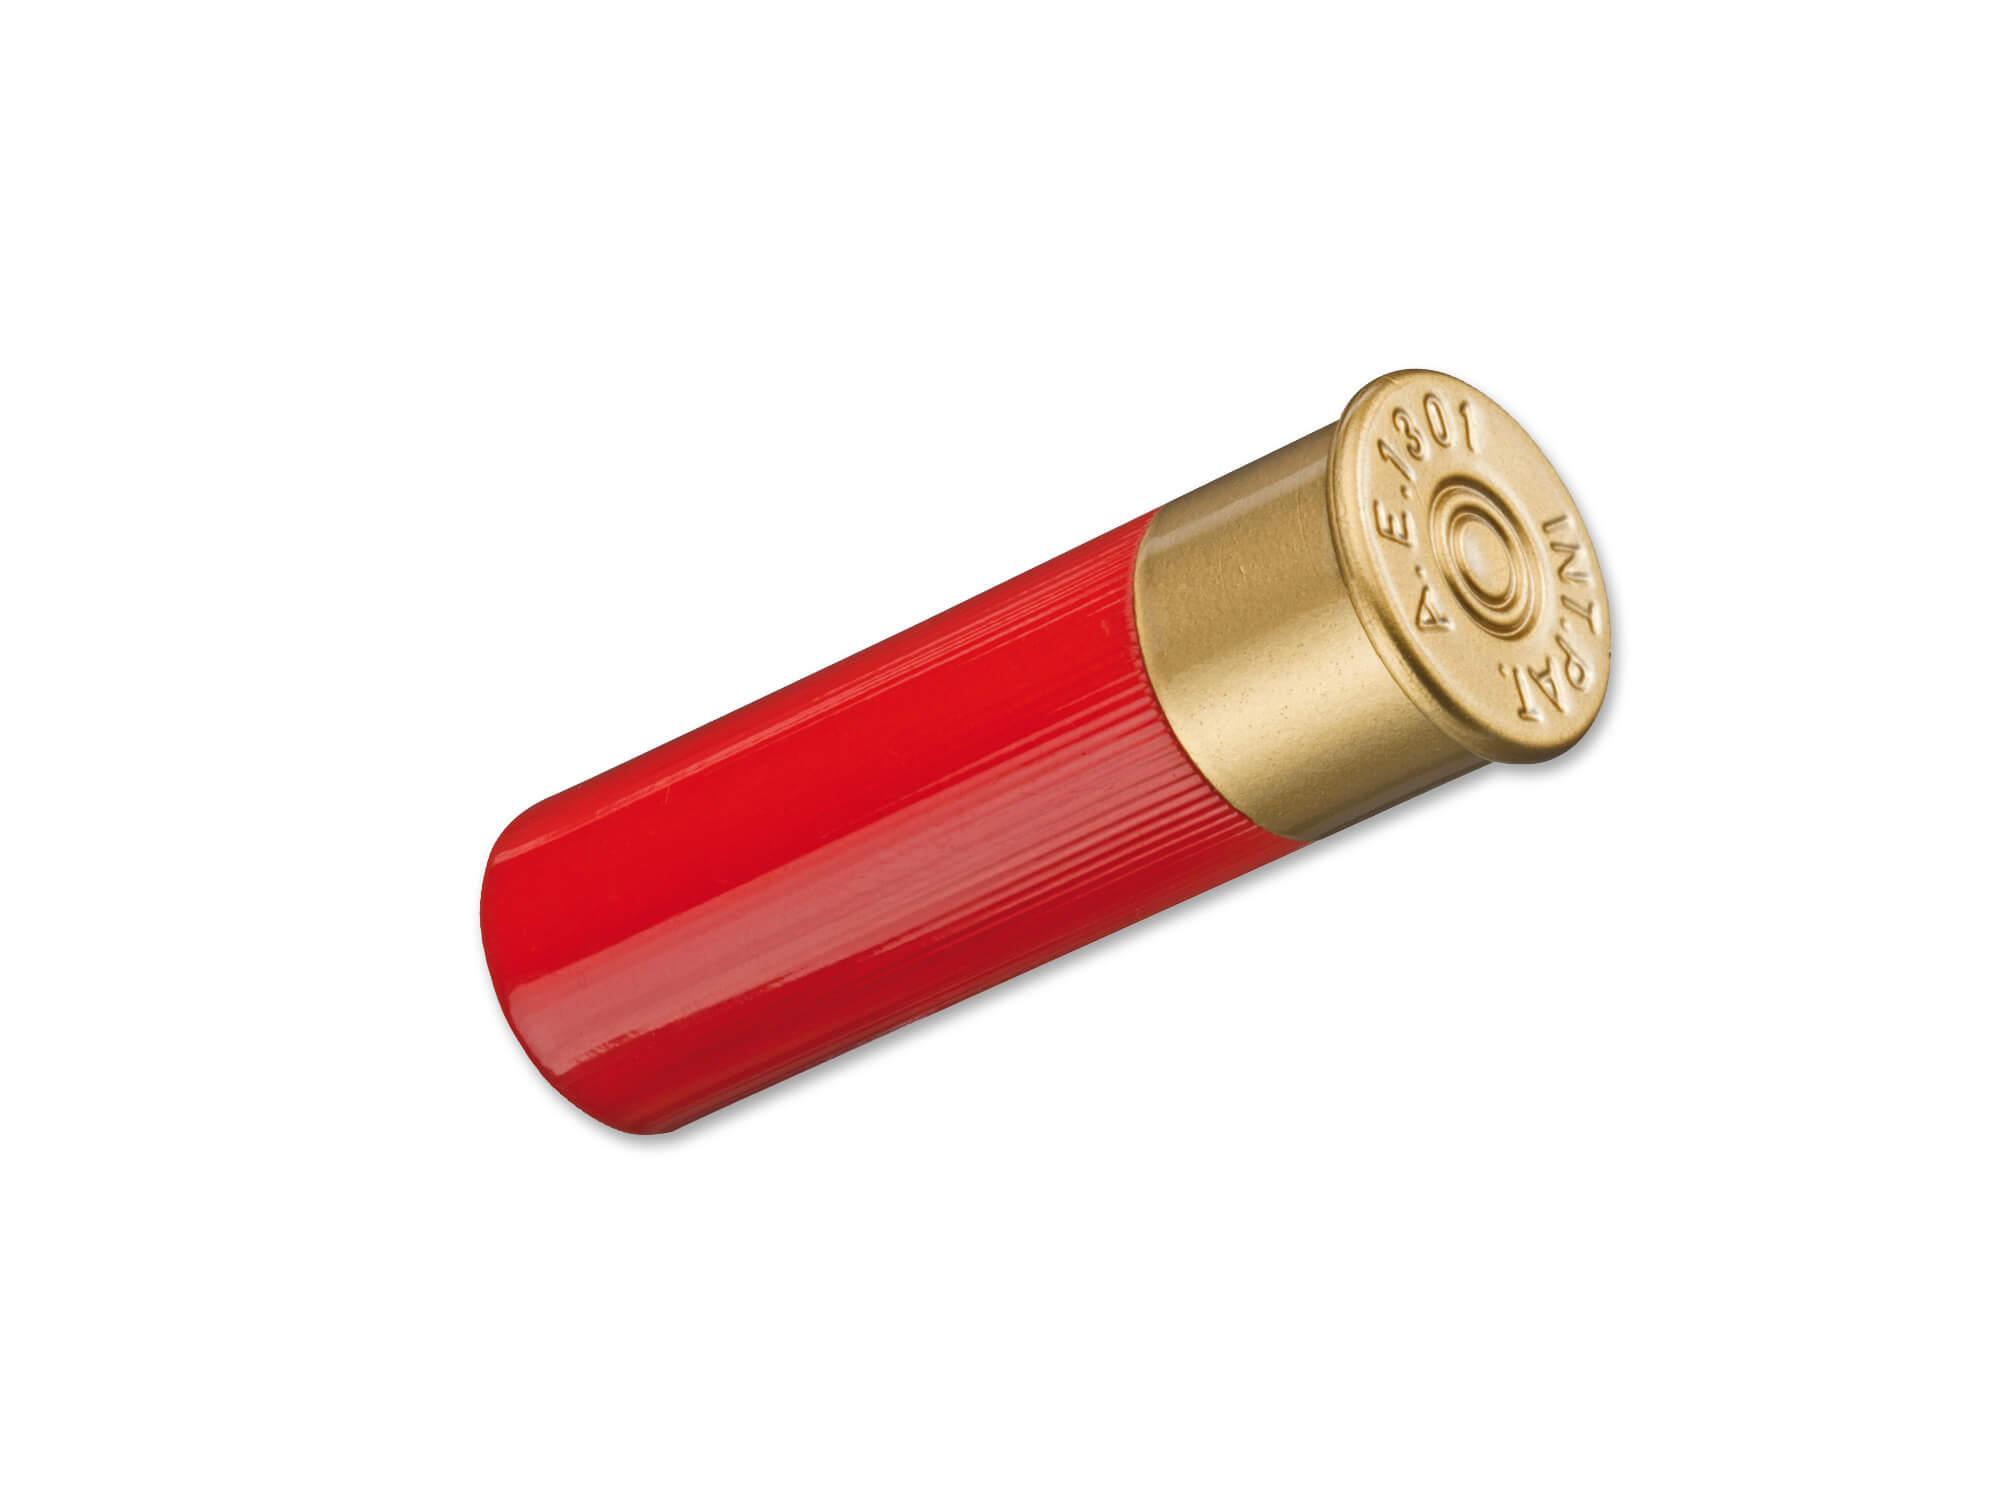 Antonini Taschenmesser 12 Gauge 11,4cm Rot Klappmesser